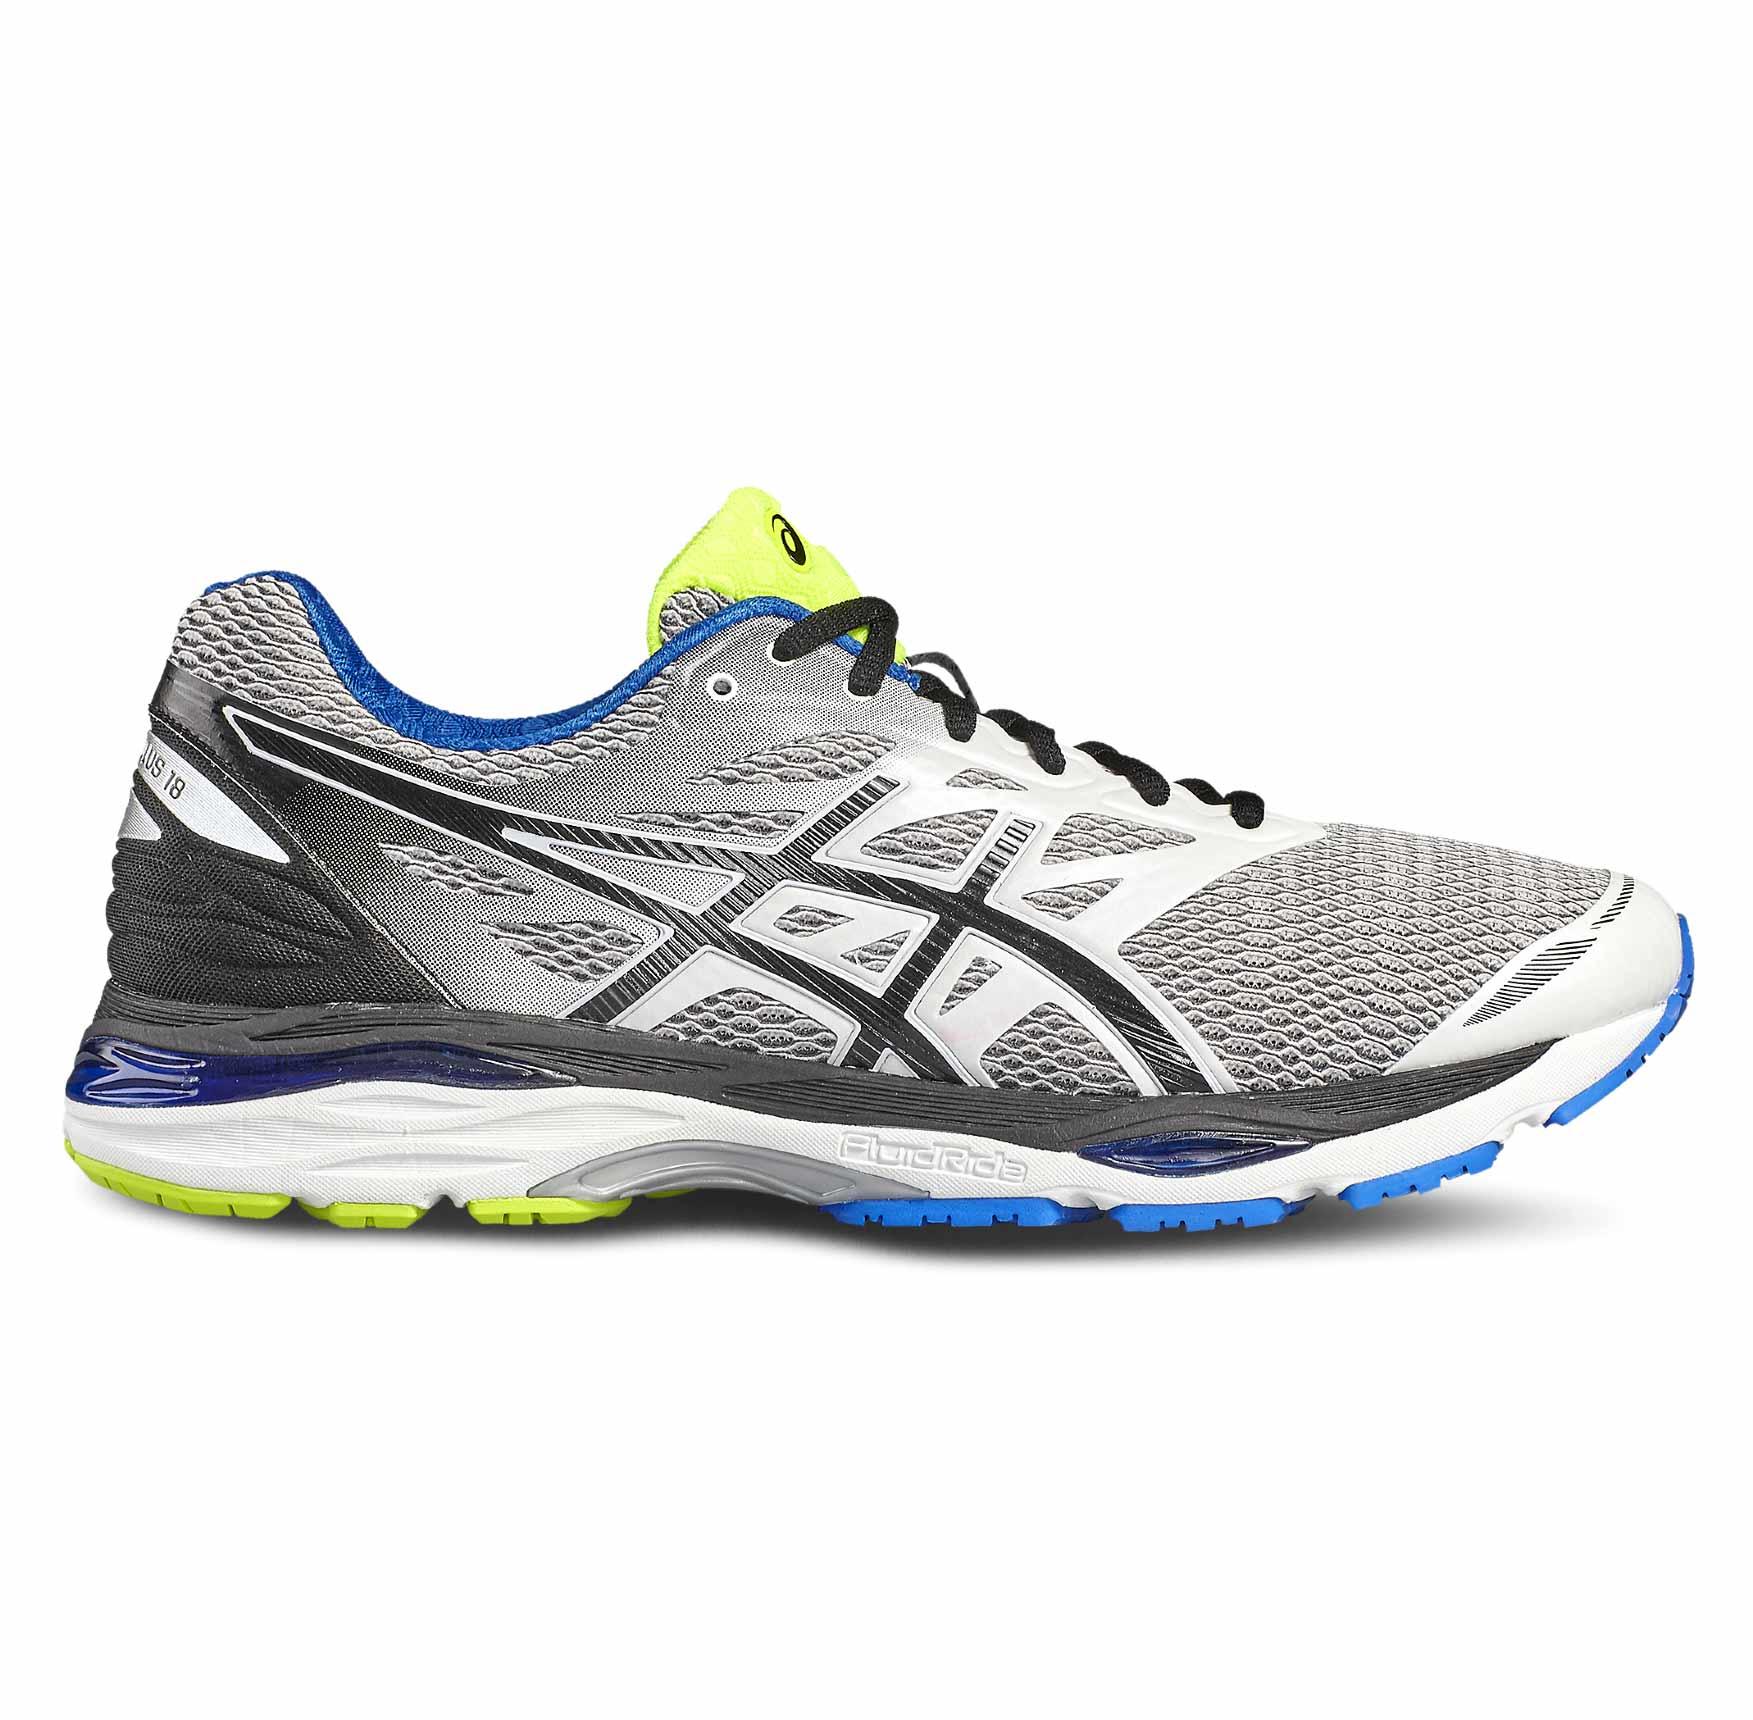 נעלי ריצה לגברים - דגם Asics Gel Cumulus 18